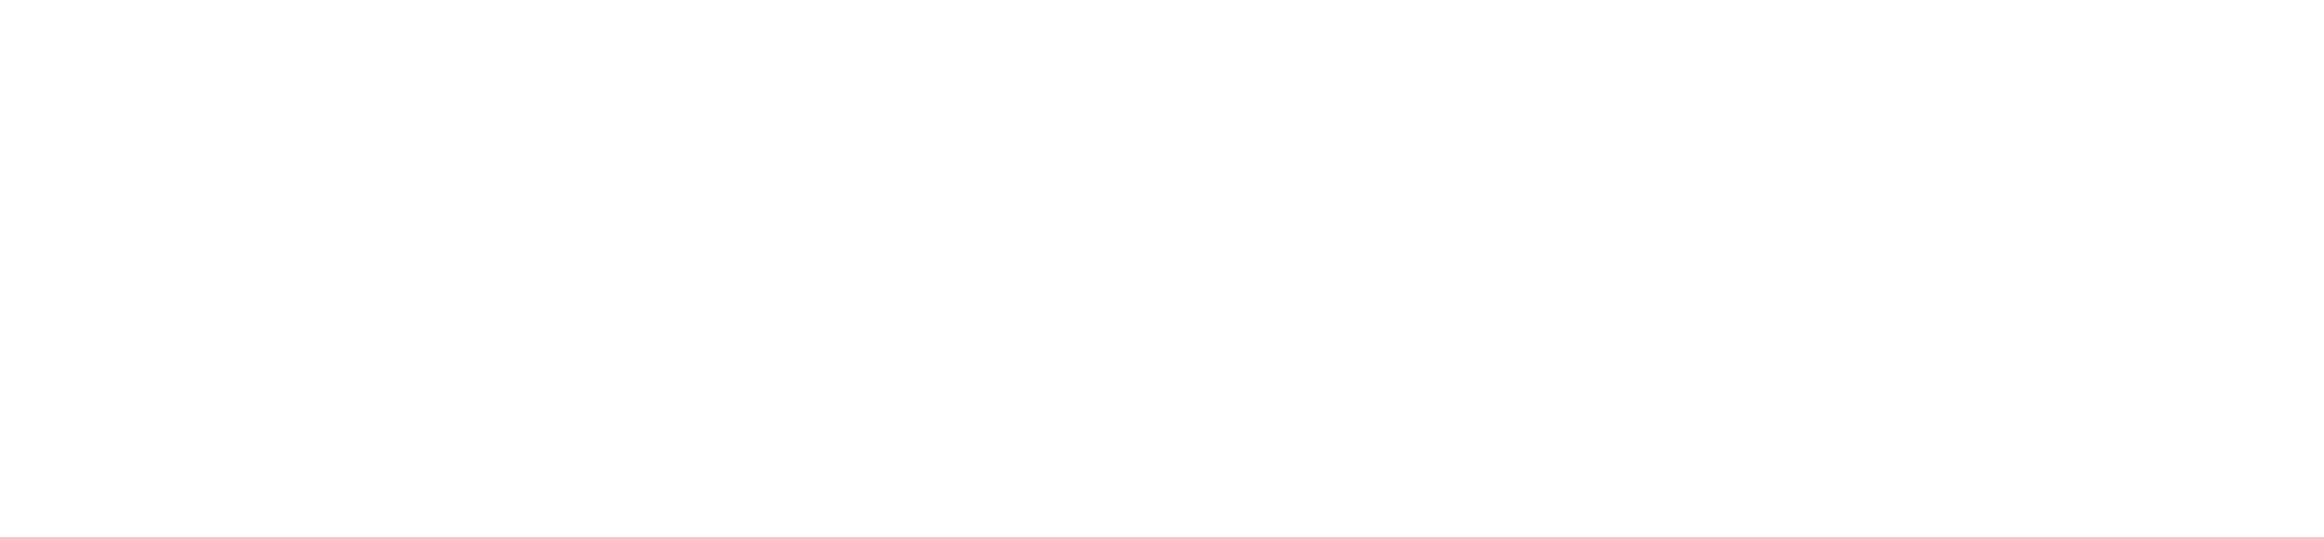 Avelios